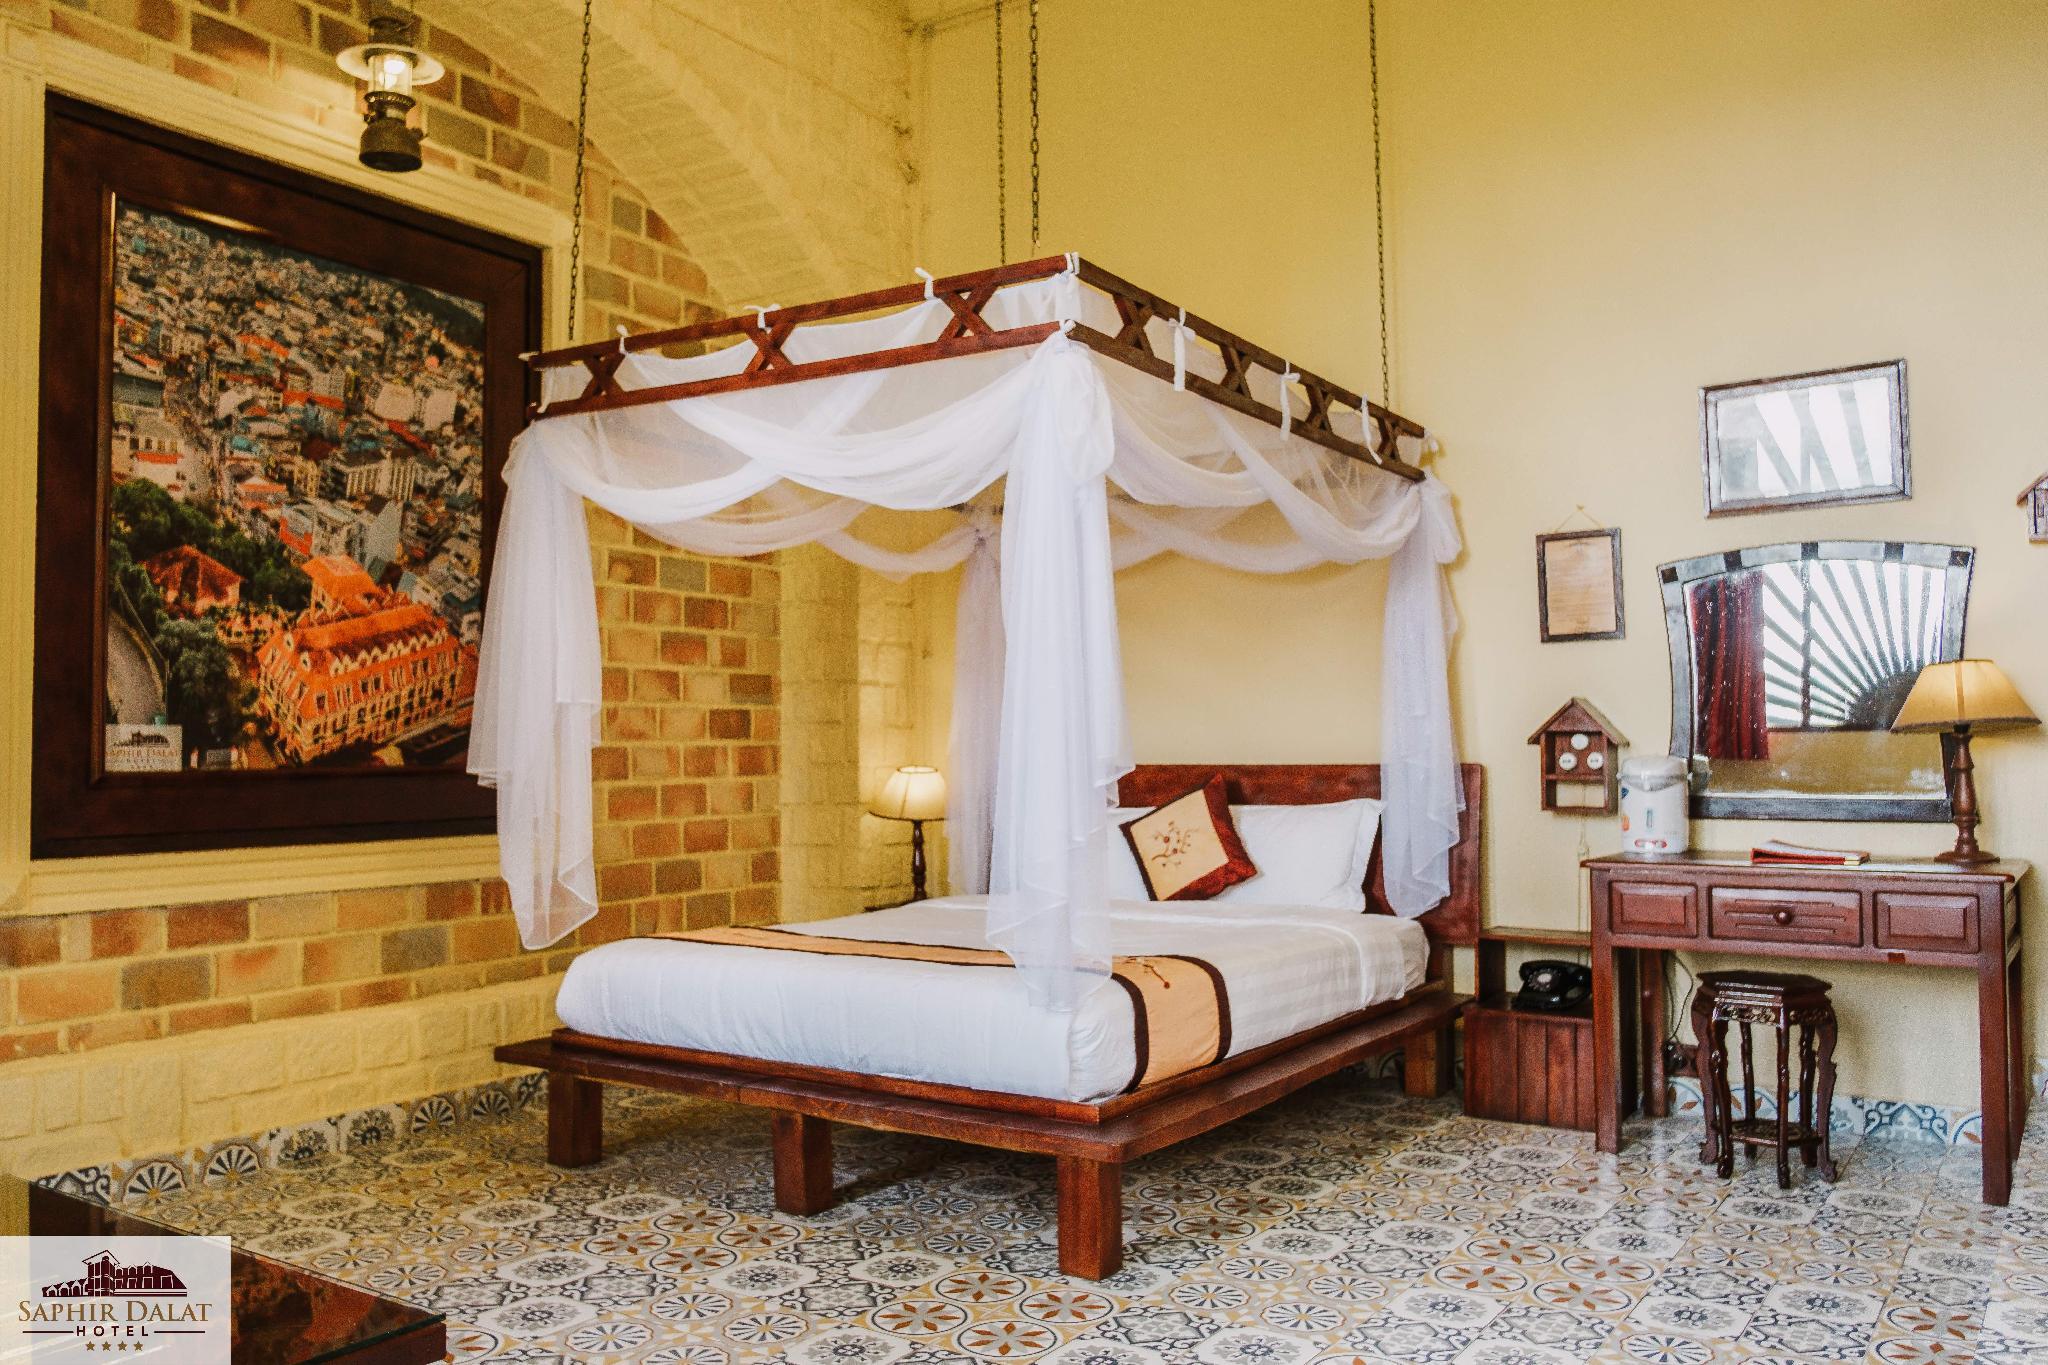 Saphir Dalat Hotel   Đà Lạt ƯU ĐÃI CẬP NHẬT NĂM 2020 528815 ₫, Ảnh HD & Nhận Xét